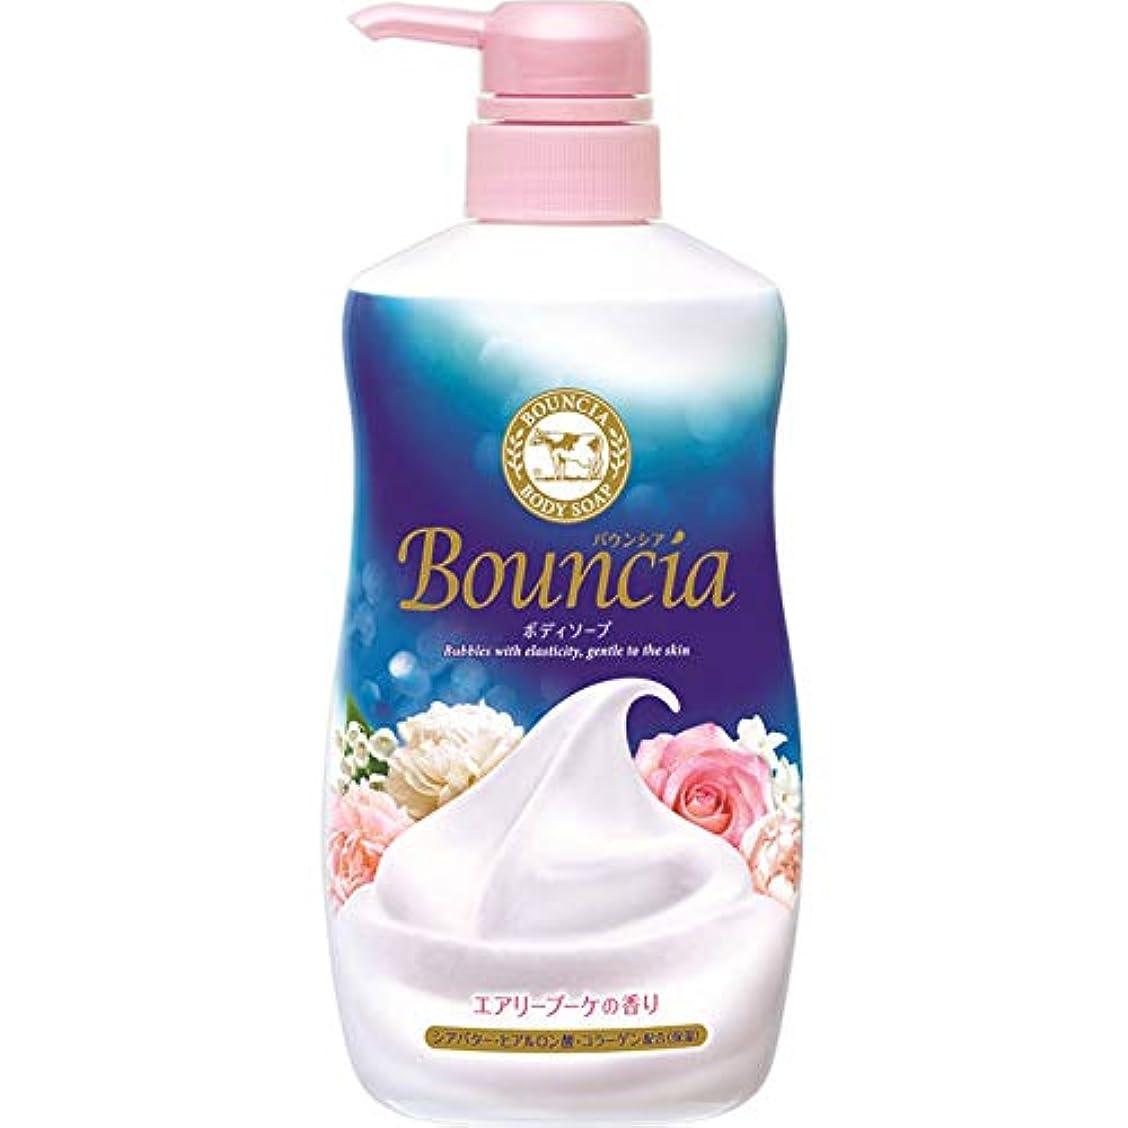 取り消すナプキン専門バウンシアボディソープ エアリーブーケの香り ポンプ付?500mL × 7個セット